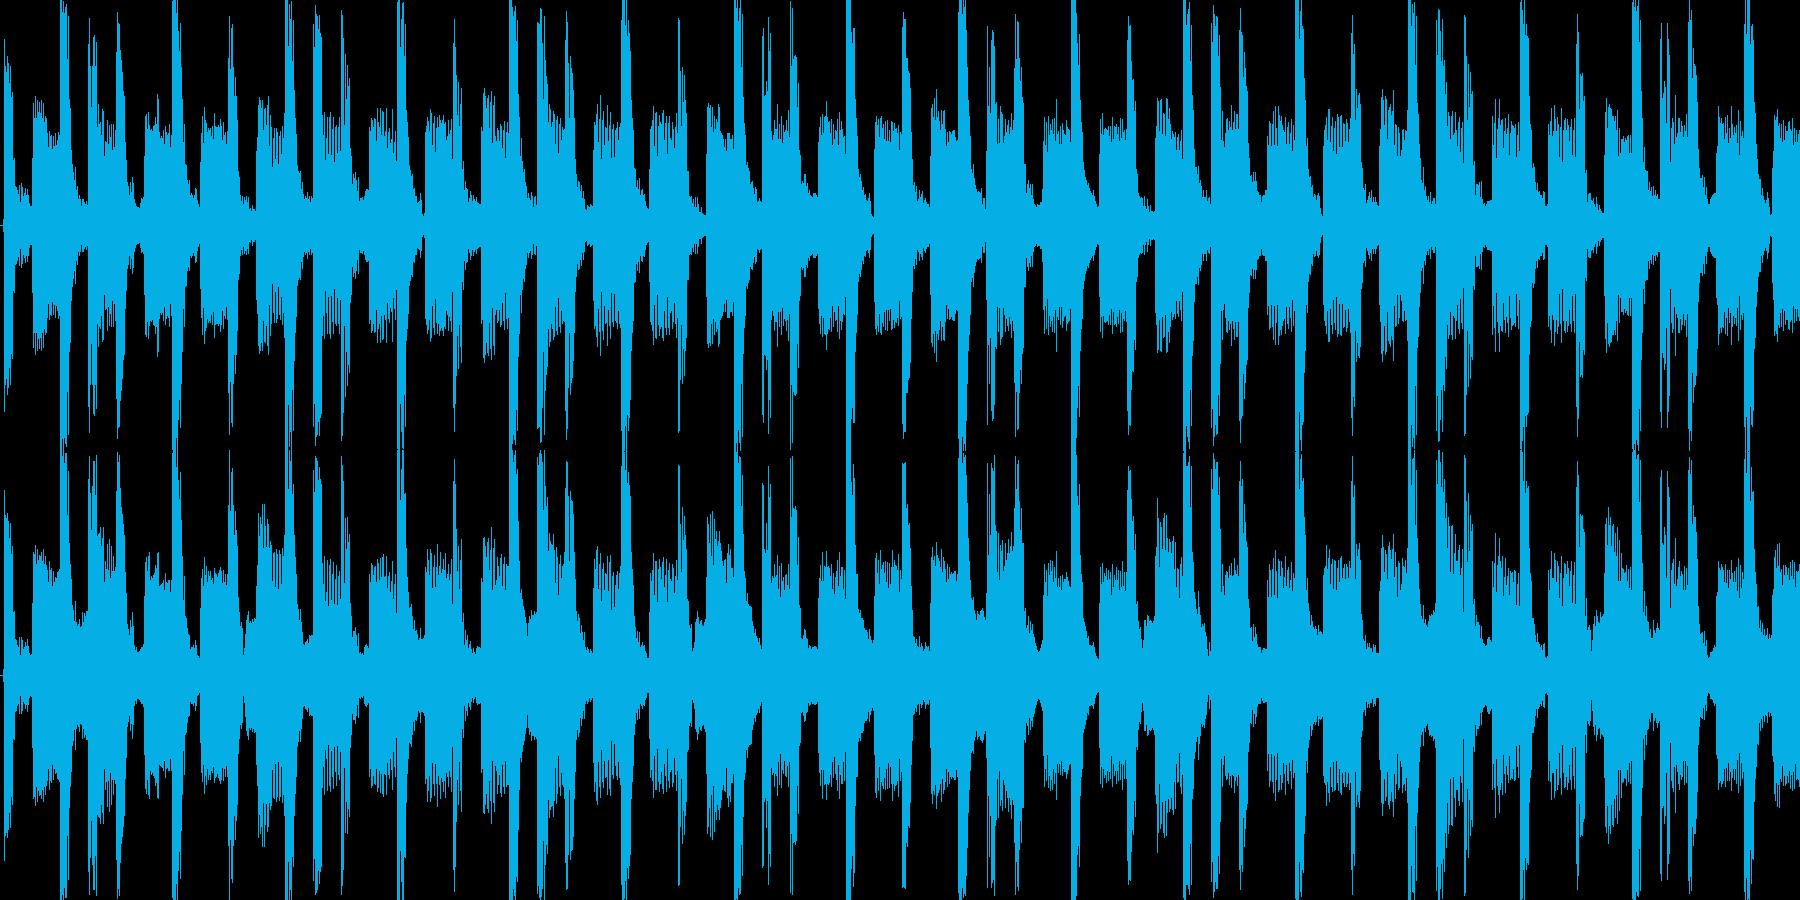 民族楽器のアップテンポディスコループの再生済みの波形